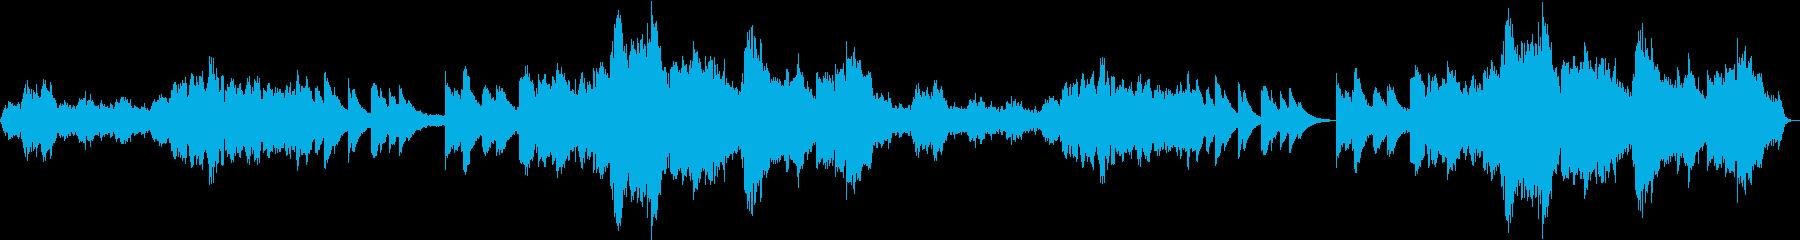 賛美歌のように神聖な雰囲気のヒーリング曲の再生済みの波形